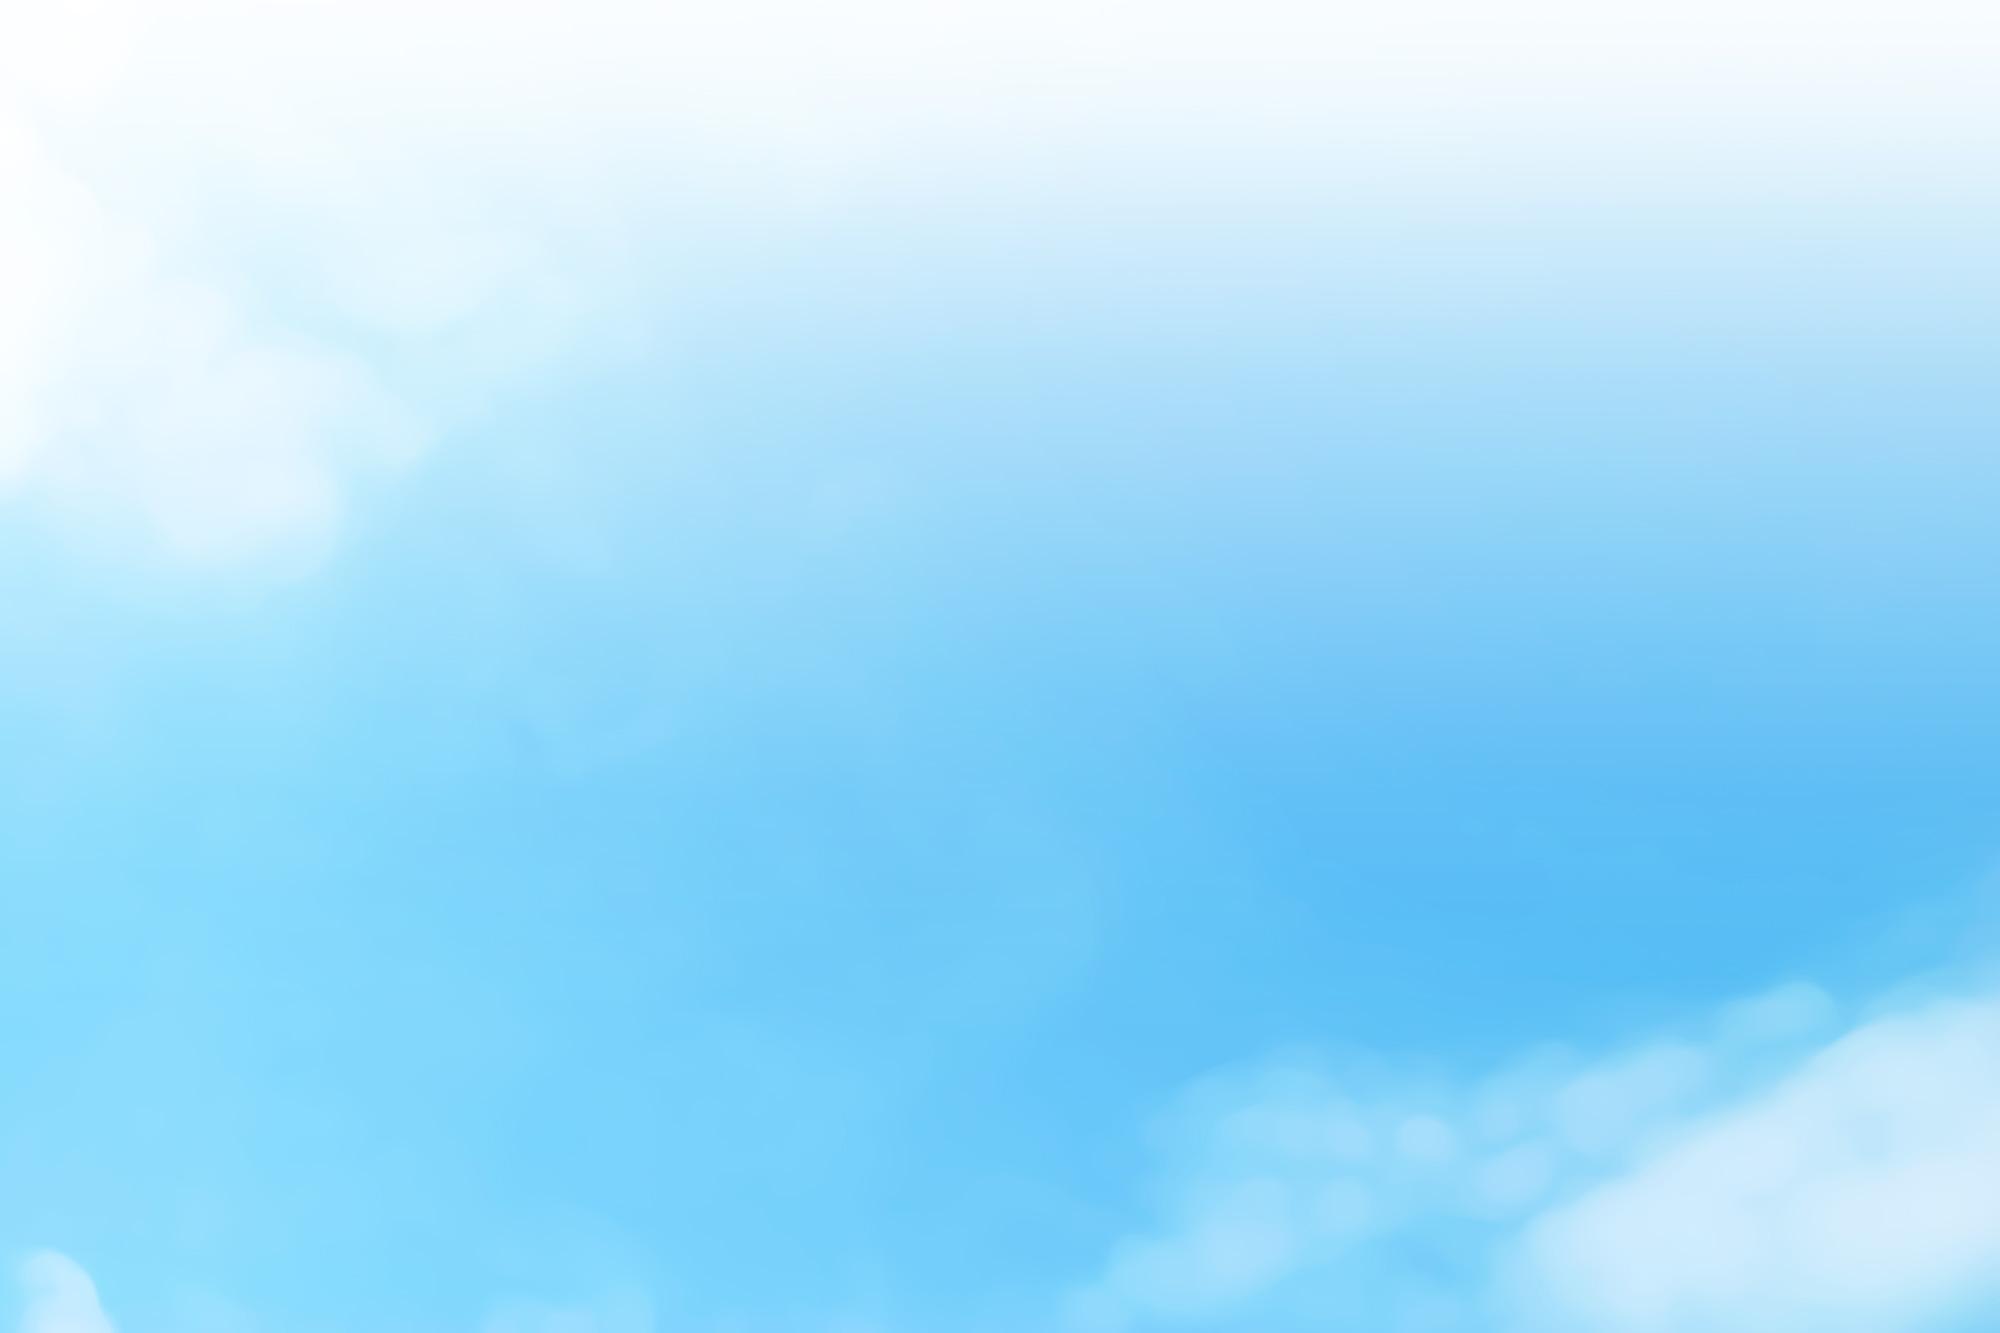 雲印_背景画像